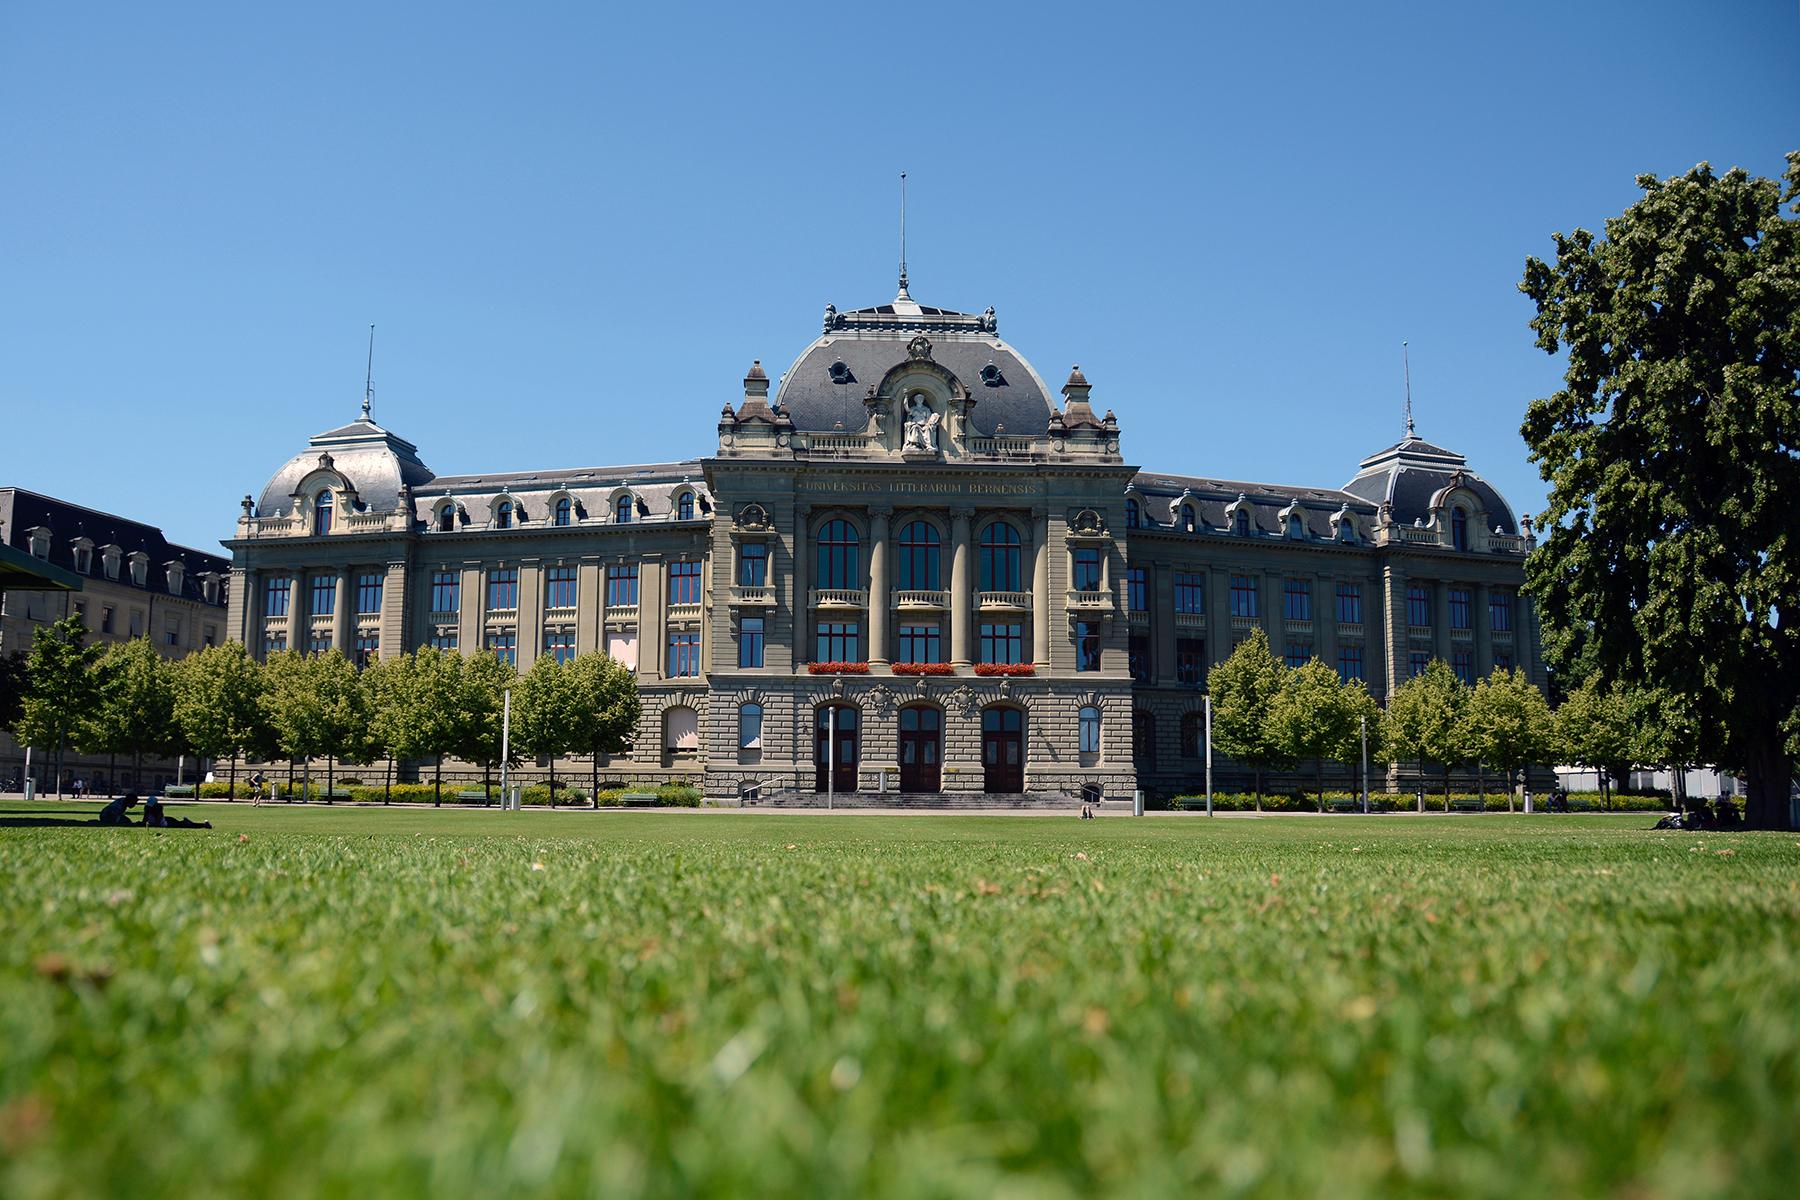 Das Hauptgebäude der Universität Bern. © Universität Bern